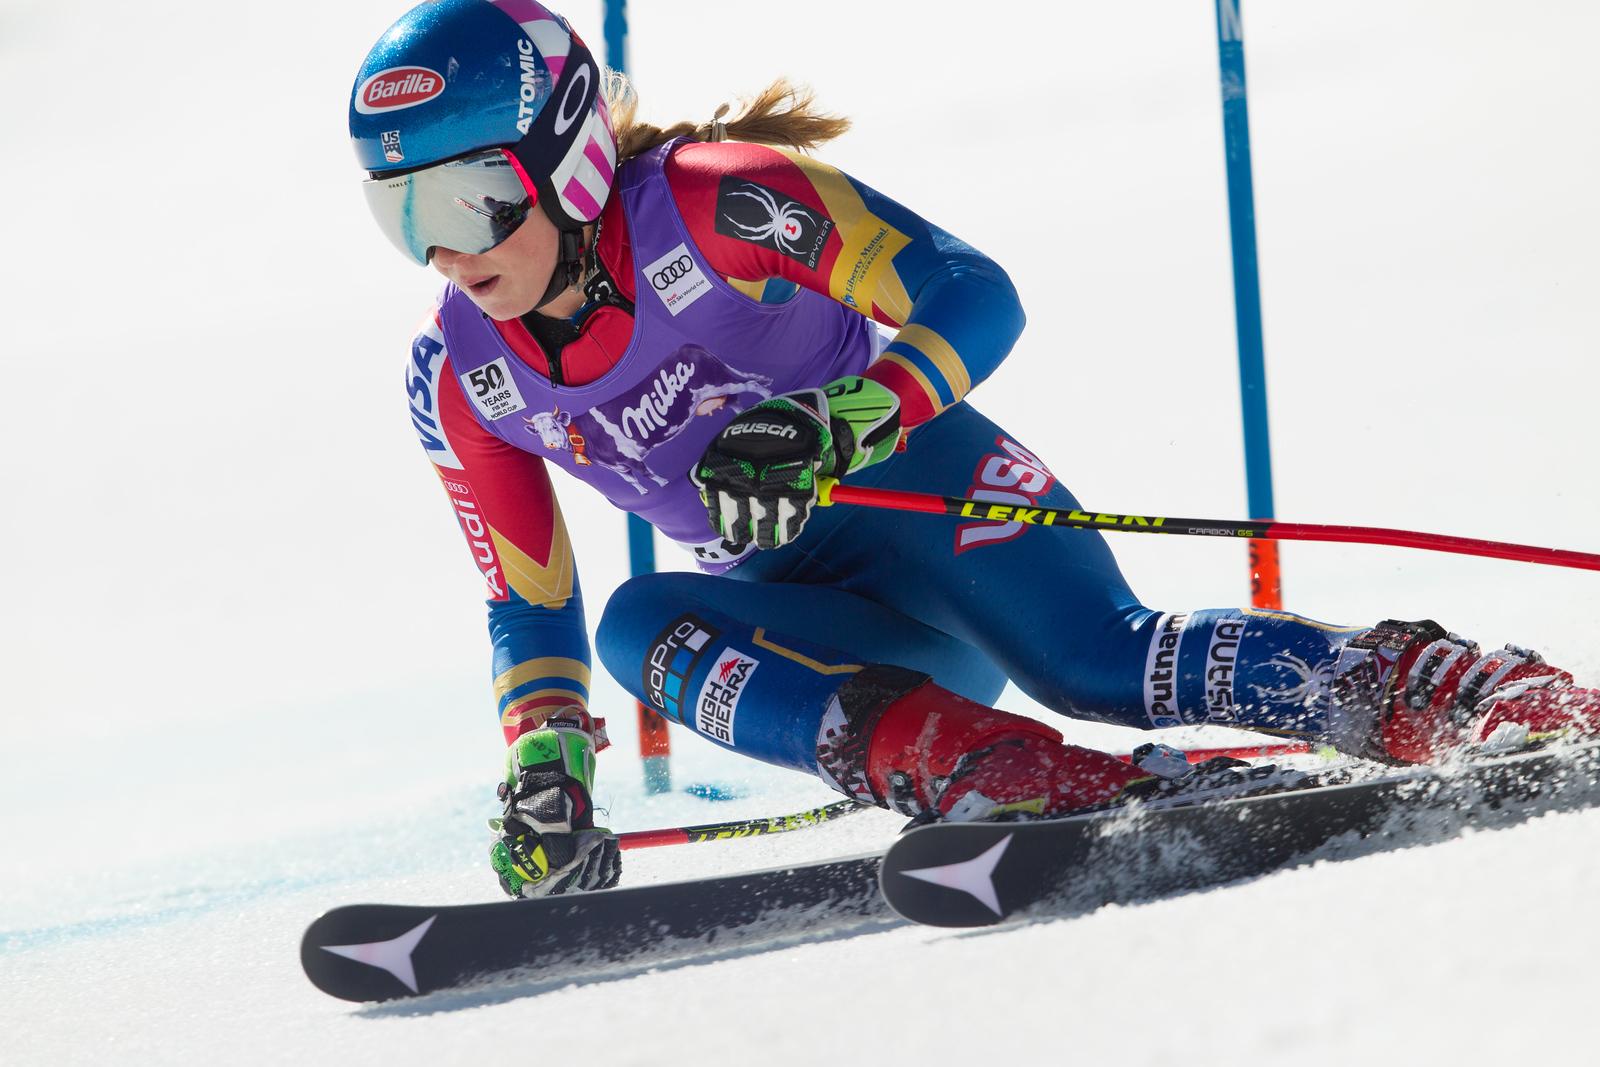 Mikaela Shiffrin GS 2017 Audi FIS Ski World Cup finals in Aspen, CO. Photo © Cody Downard